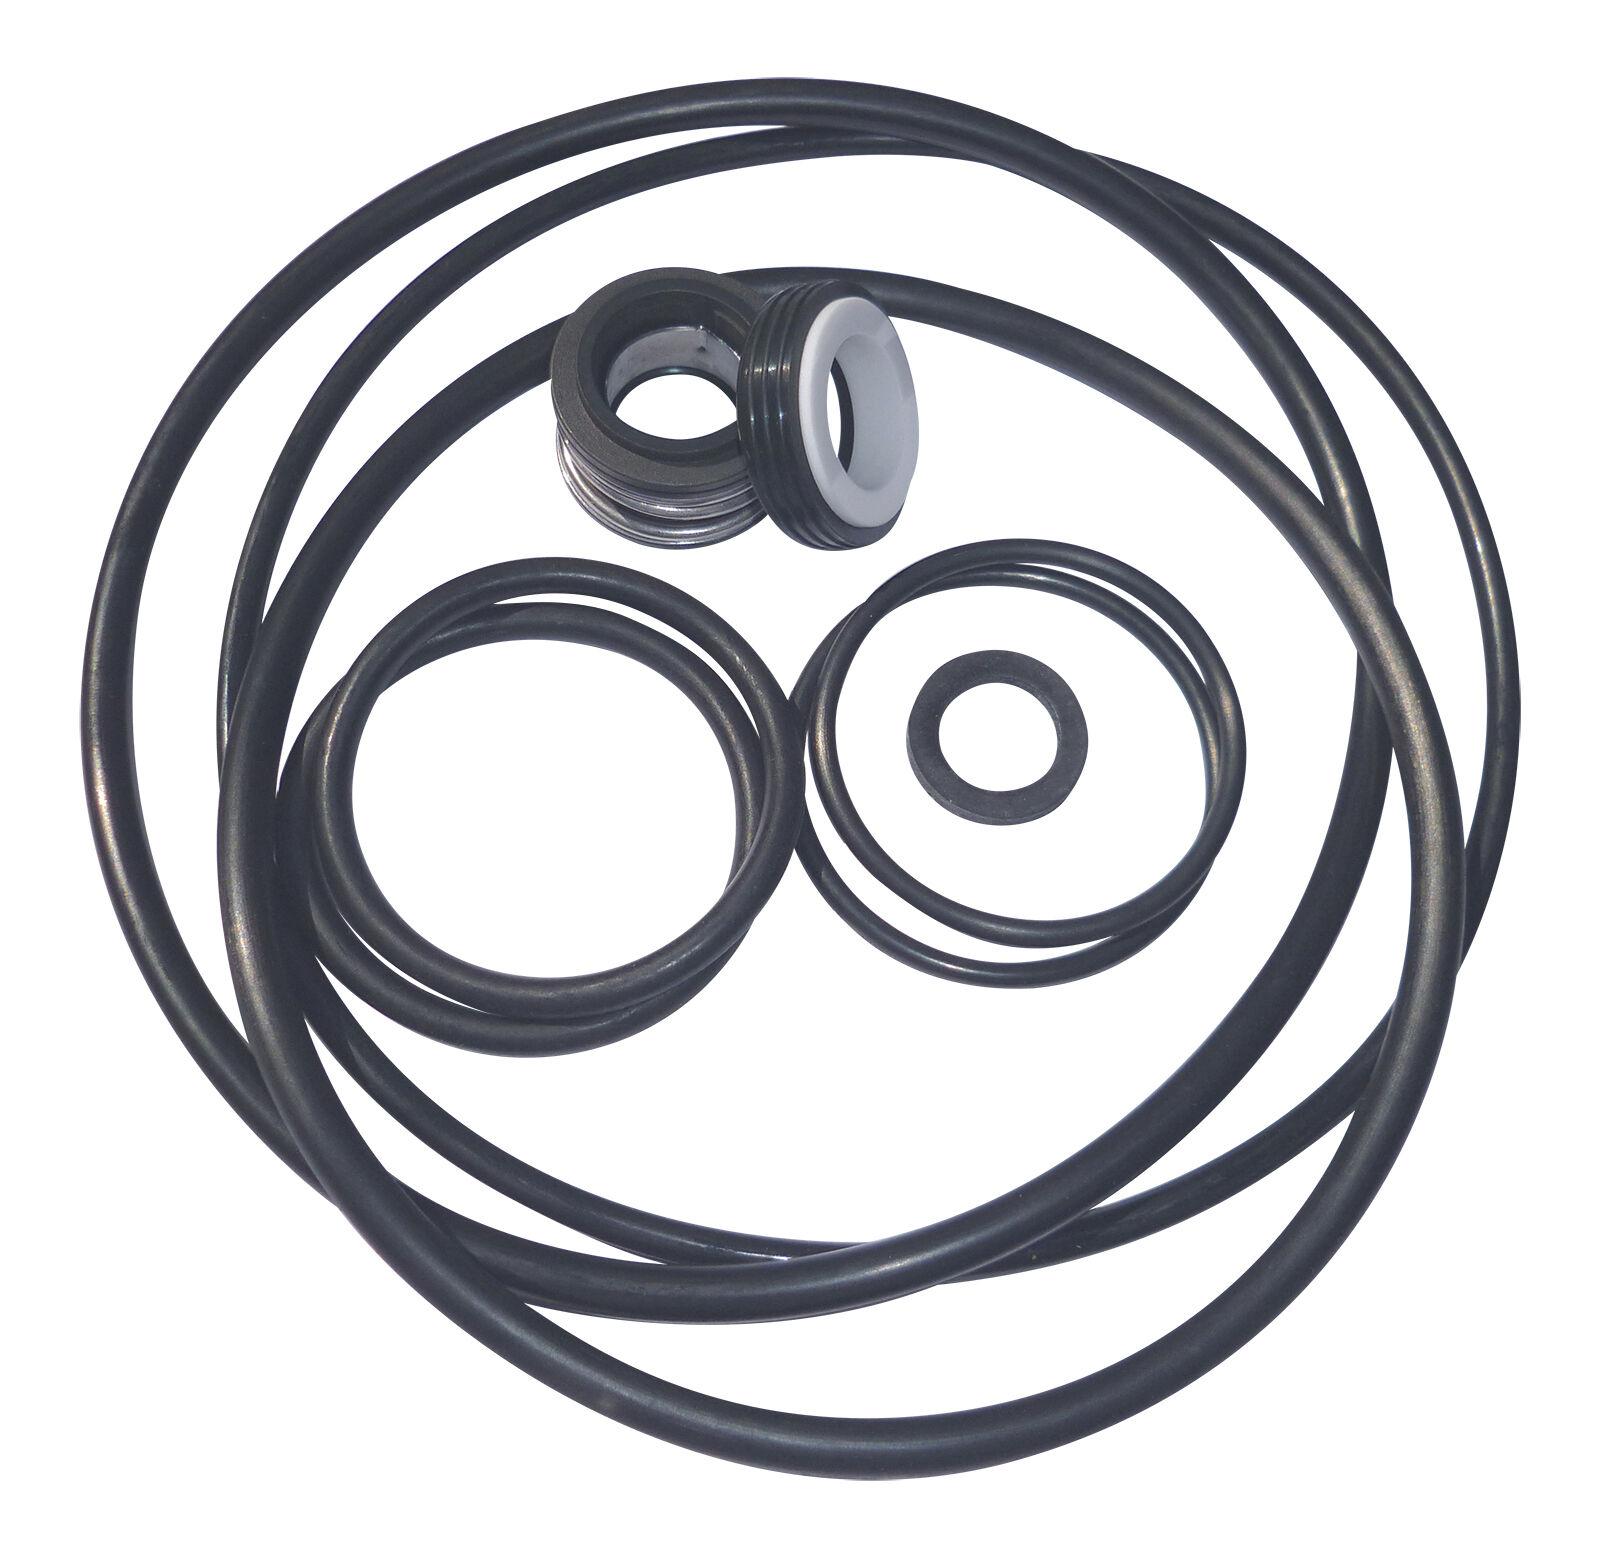 Mechanische Dichtung +O-Ring Kit für ' Ag 'Serie Itt Hydroair Argonaut Pumpen